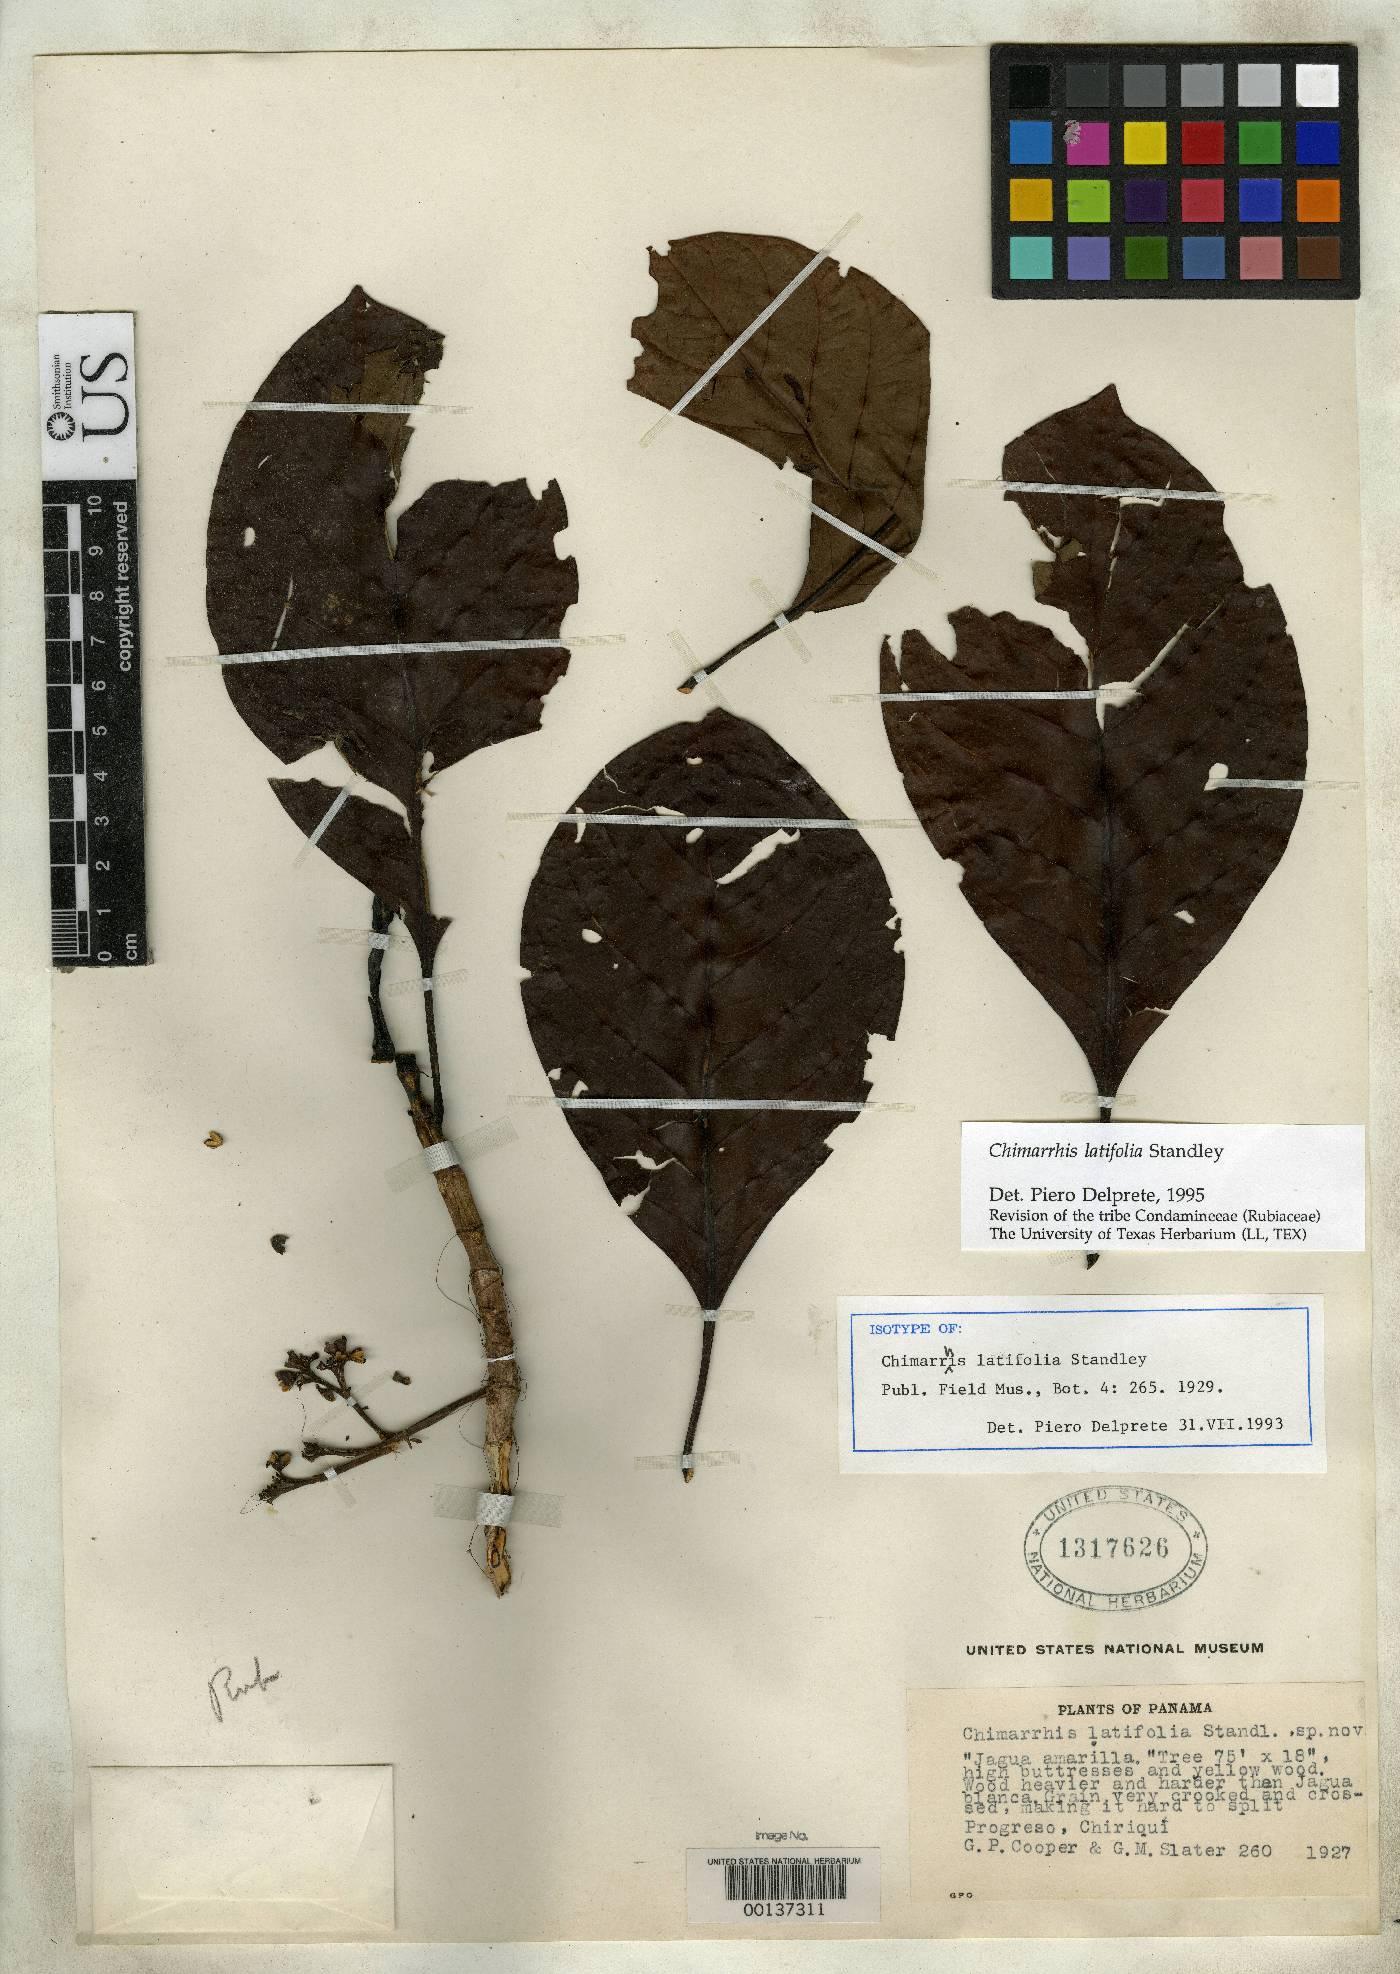 Chimarrhis latifolia image